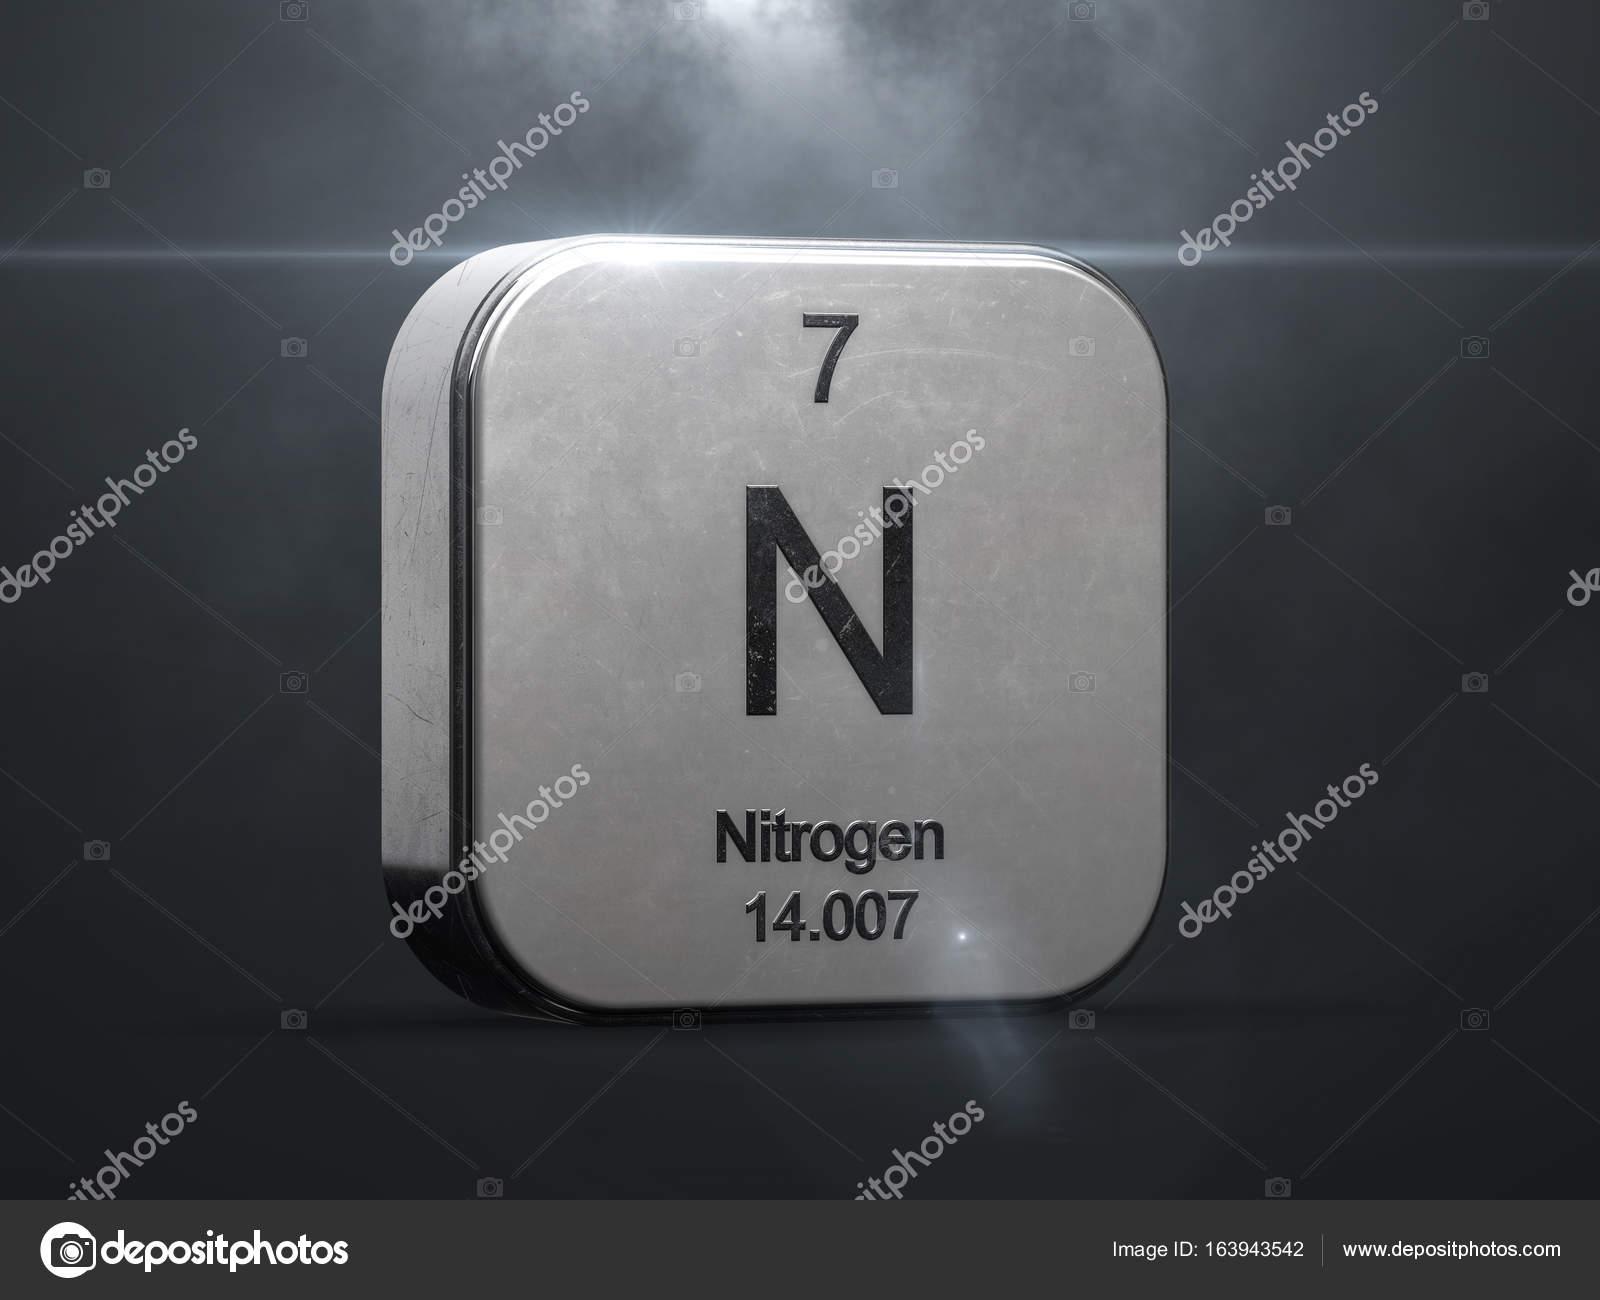 Elemento de la tabla peridica en nitrgeno icono de metal 3d con elemento de la tabla peridica en nitrgeno icono de metal 3d con destello de lente urtaz Choice Image